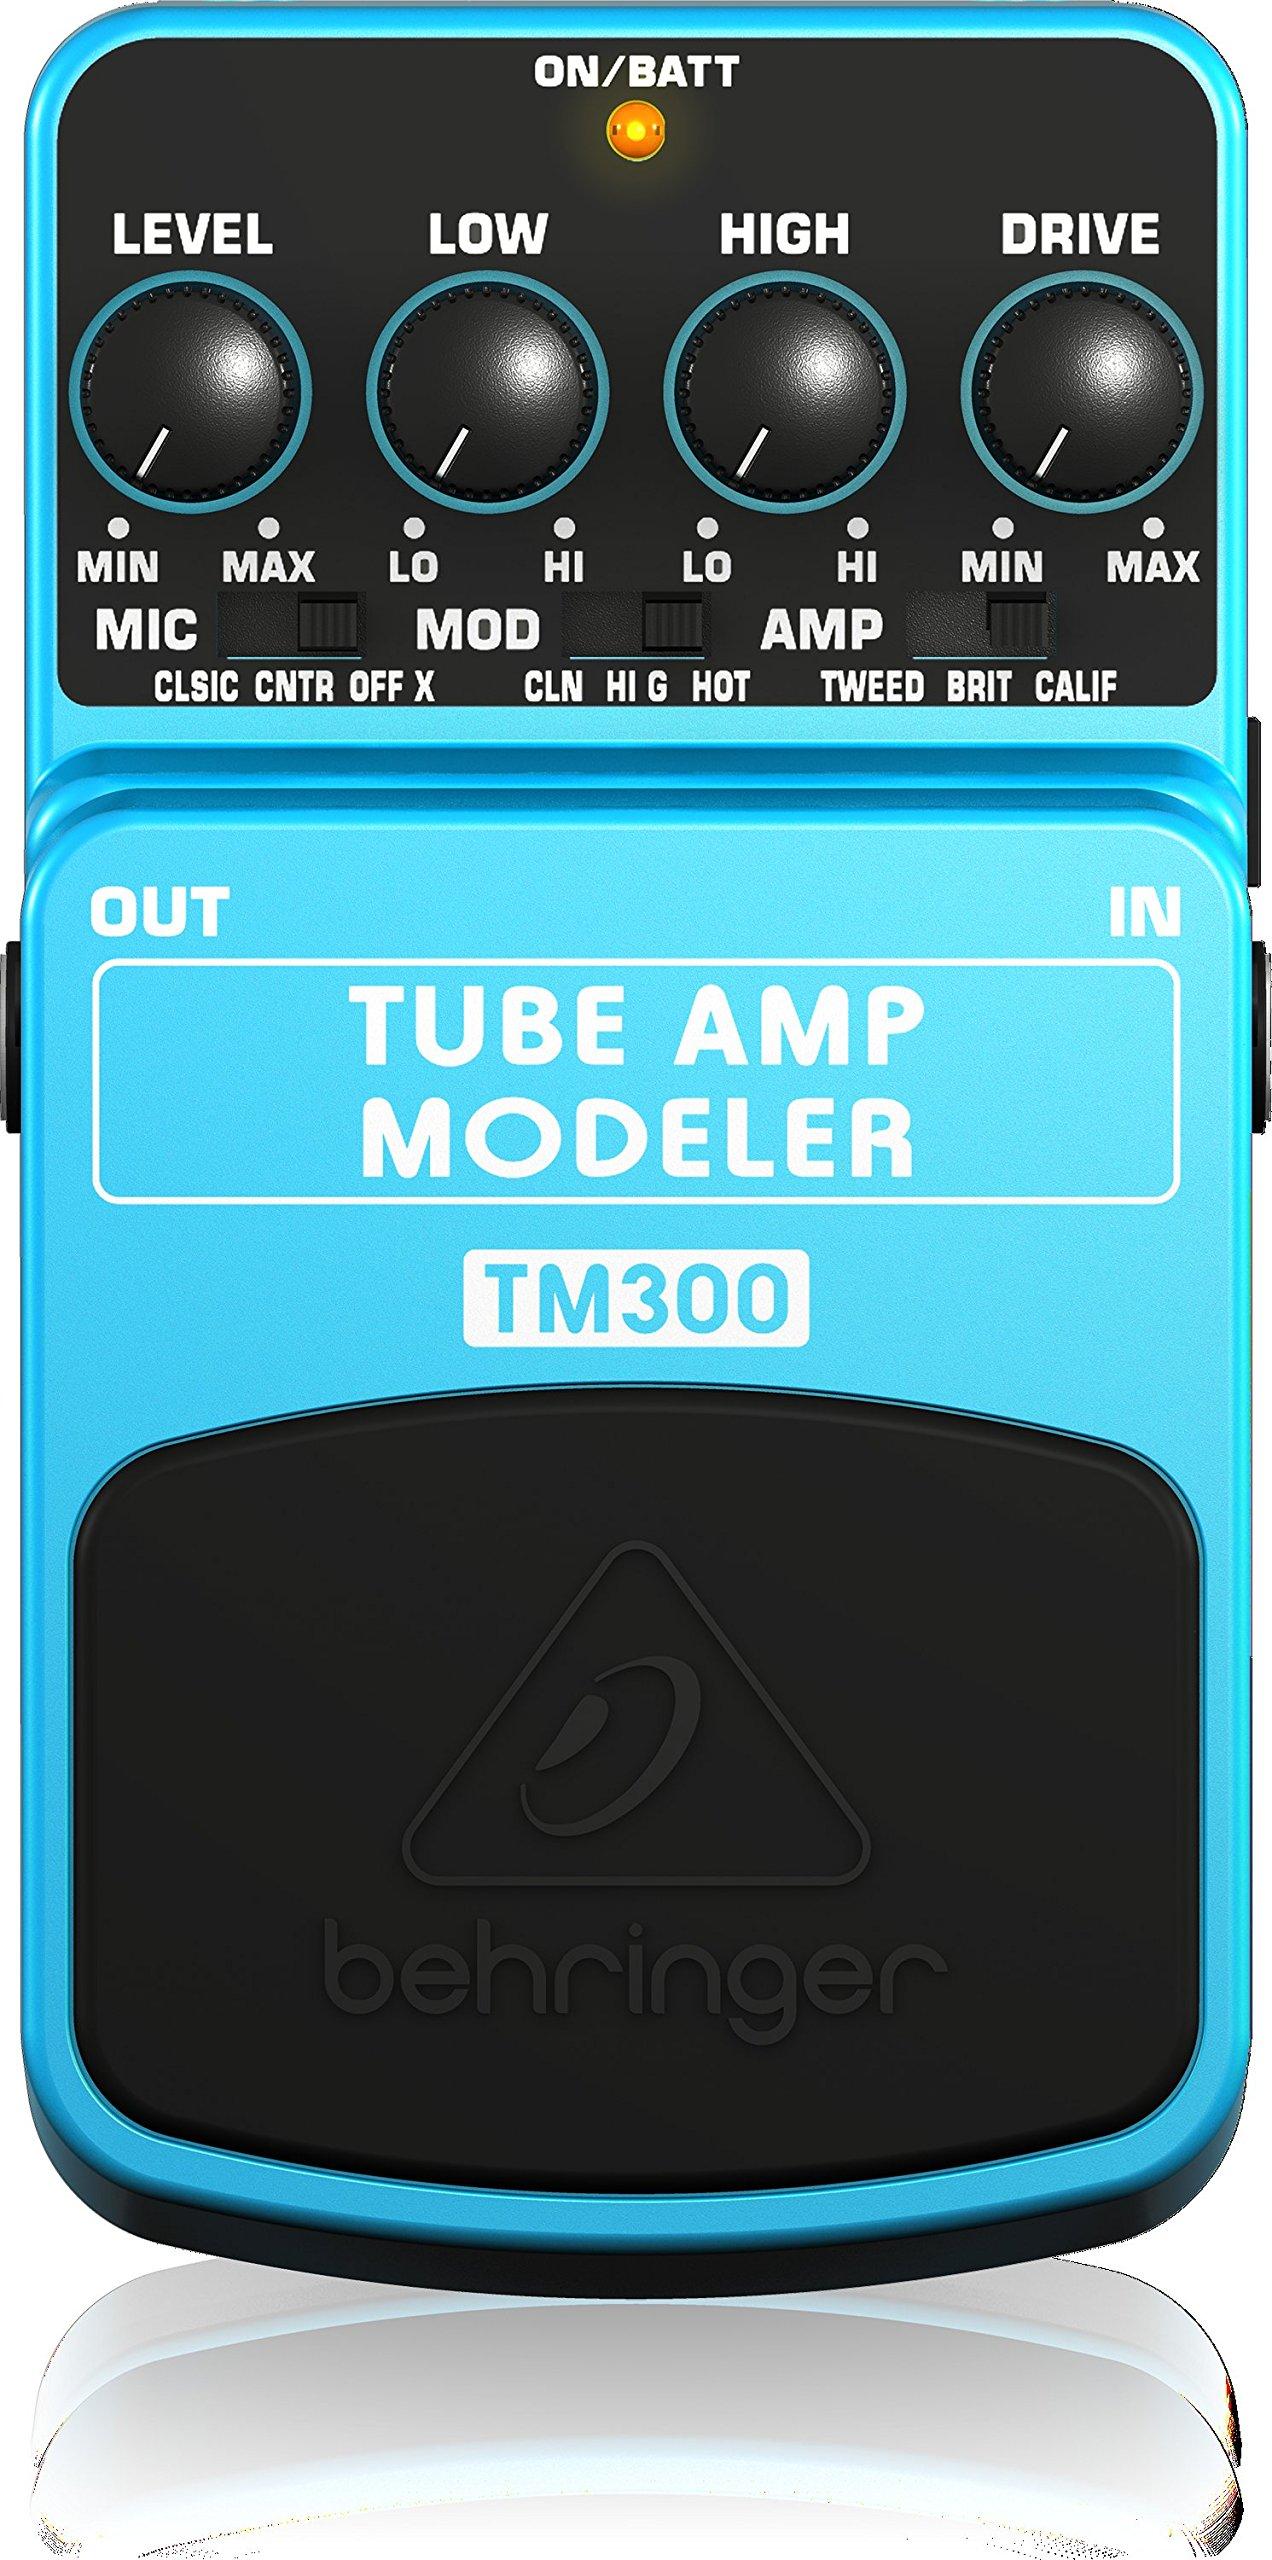 BEHRINGER TUBE AMP MODELER TM300 by Behringer